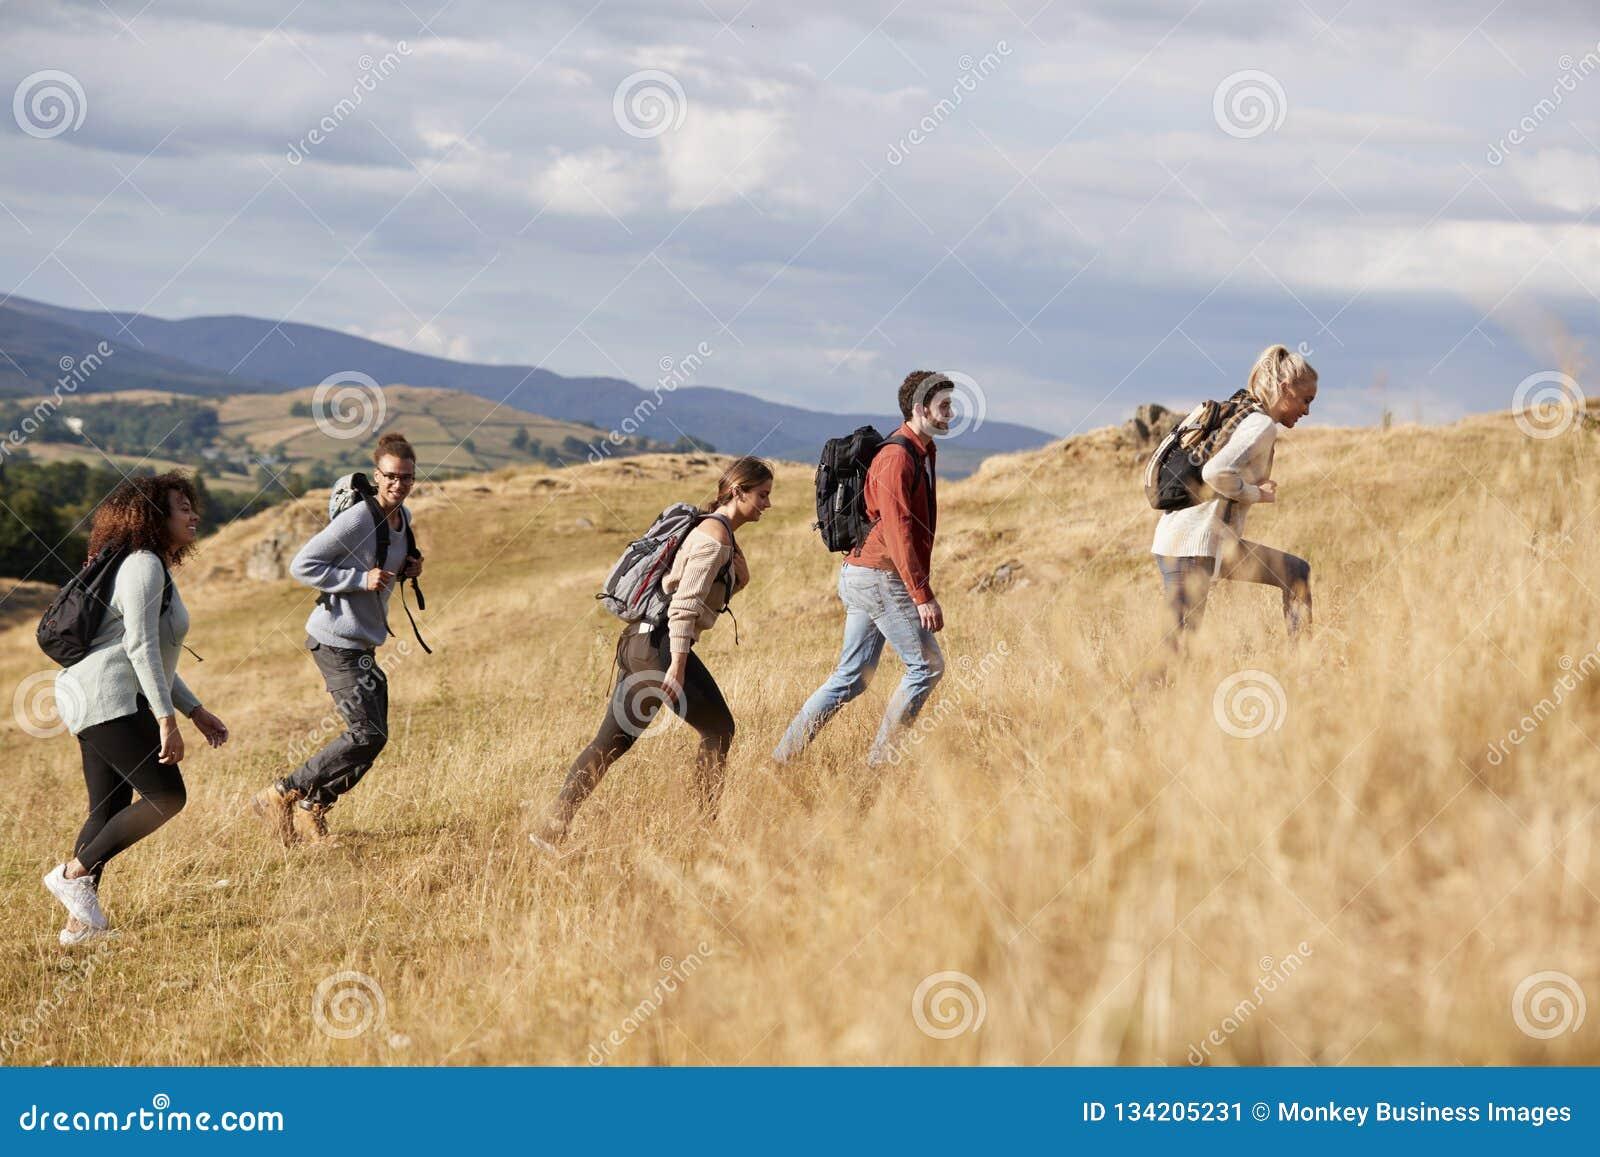 Grupo étnico multi de amigos adultos jovenes felices que suben una colina durante un alza de la montaña, vista lateral